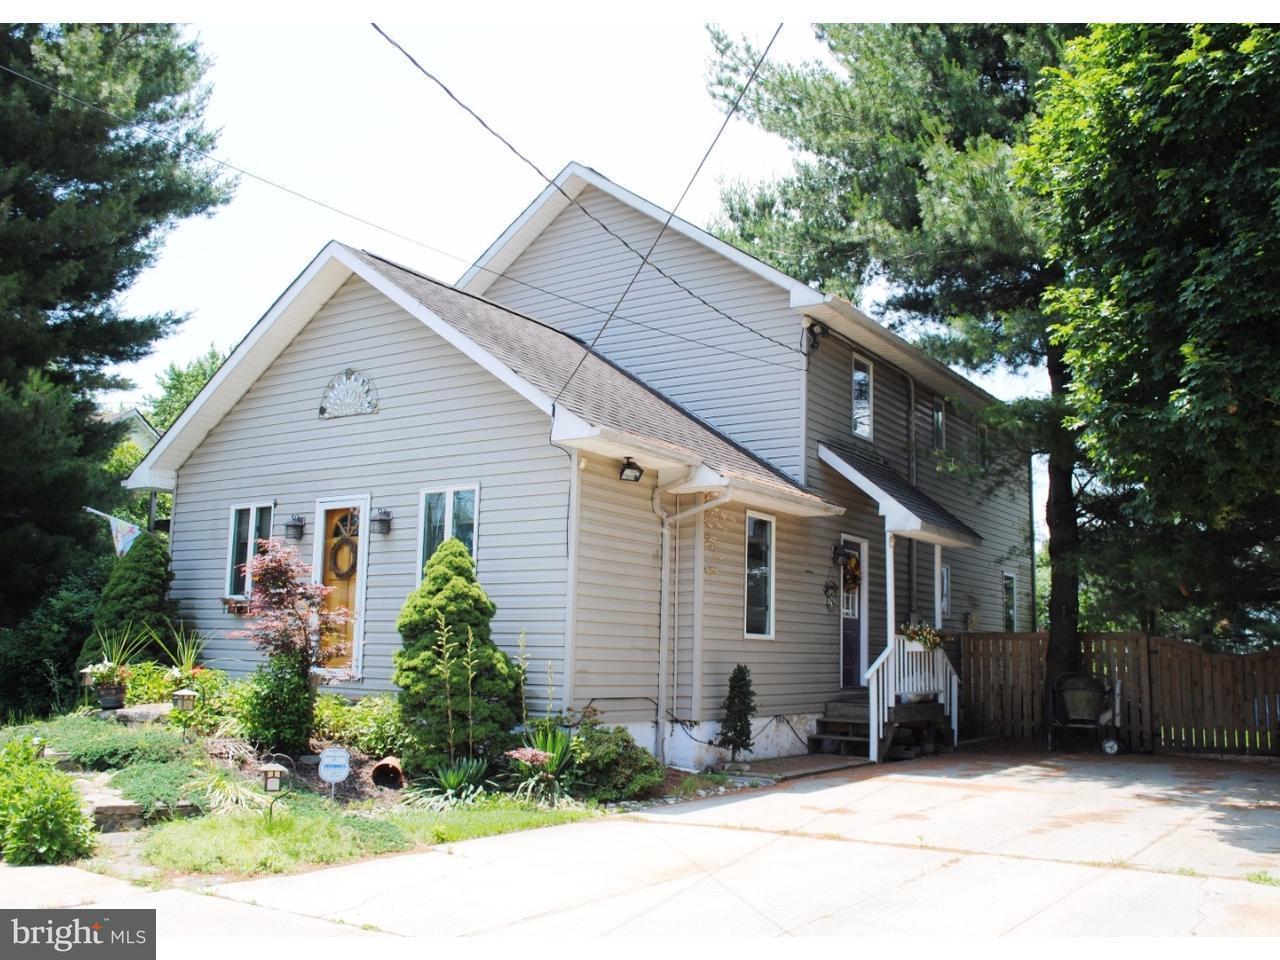 Частный односемейный дом для того Продажа на 101 LANSING Avenue Mercerville, Нью-Джерси 08619 Соединенные ШтатыВ/Около: Hamilton Township